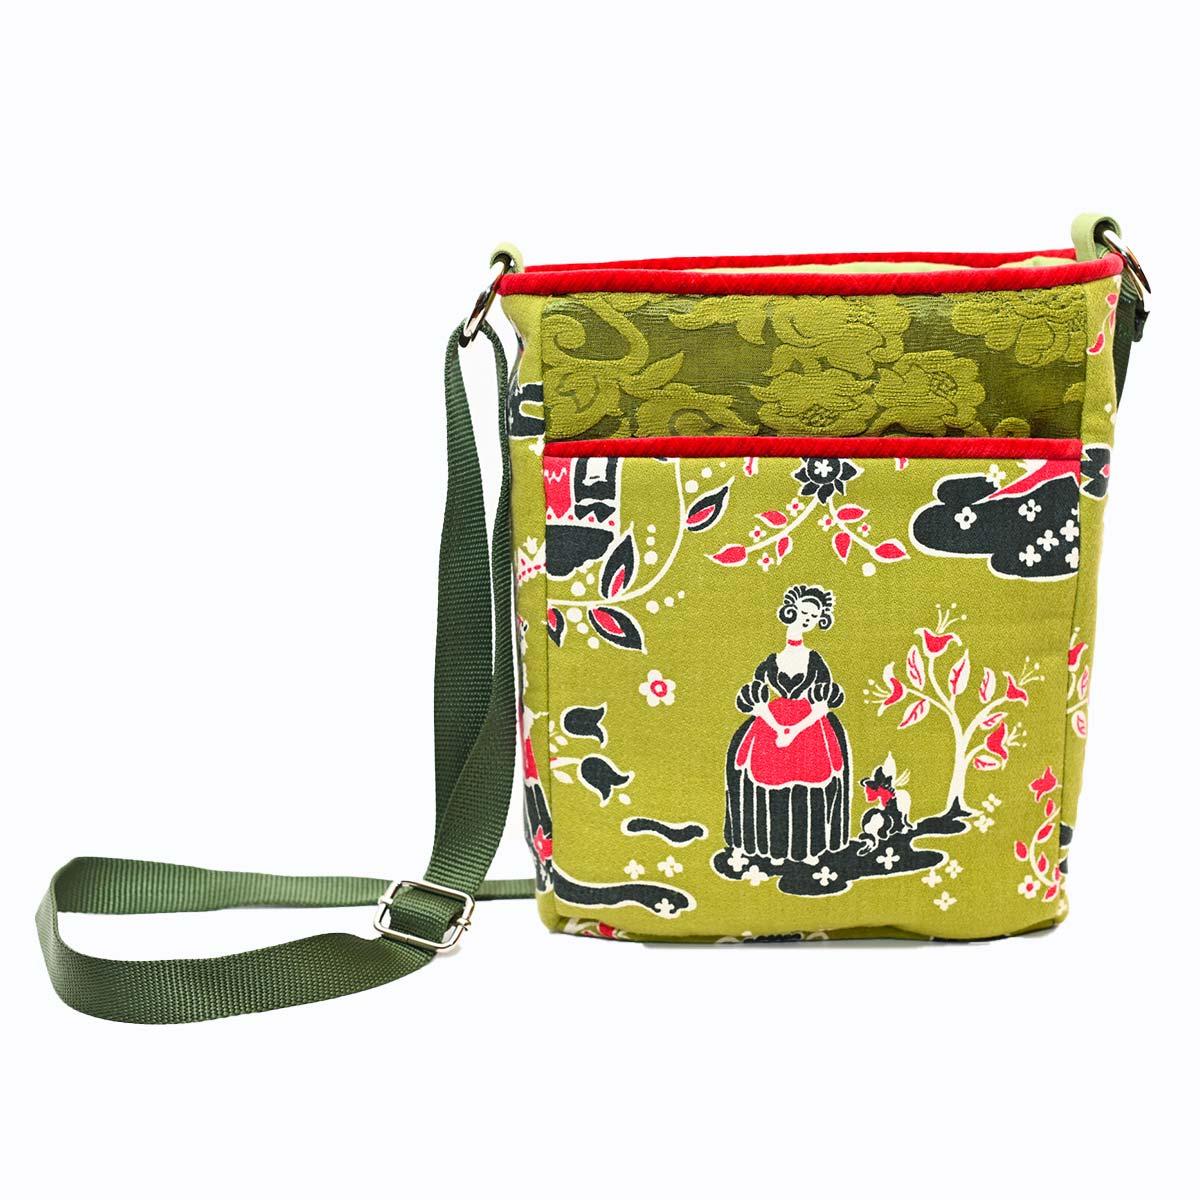 crossbody bag art folk motif on avocado